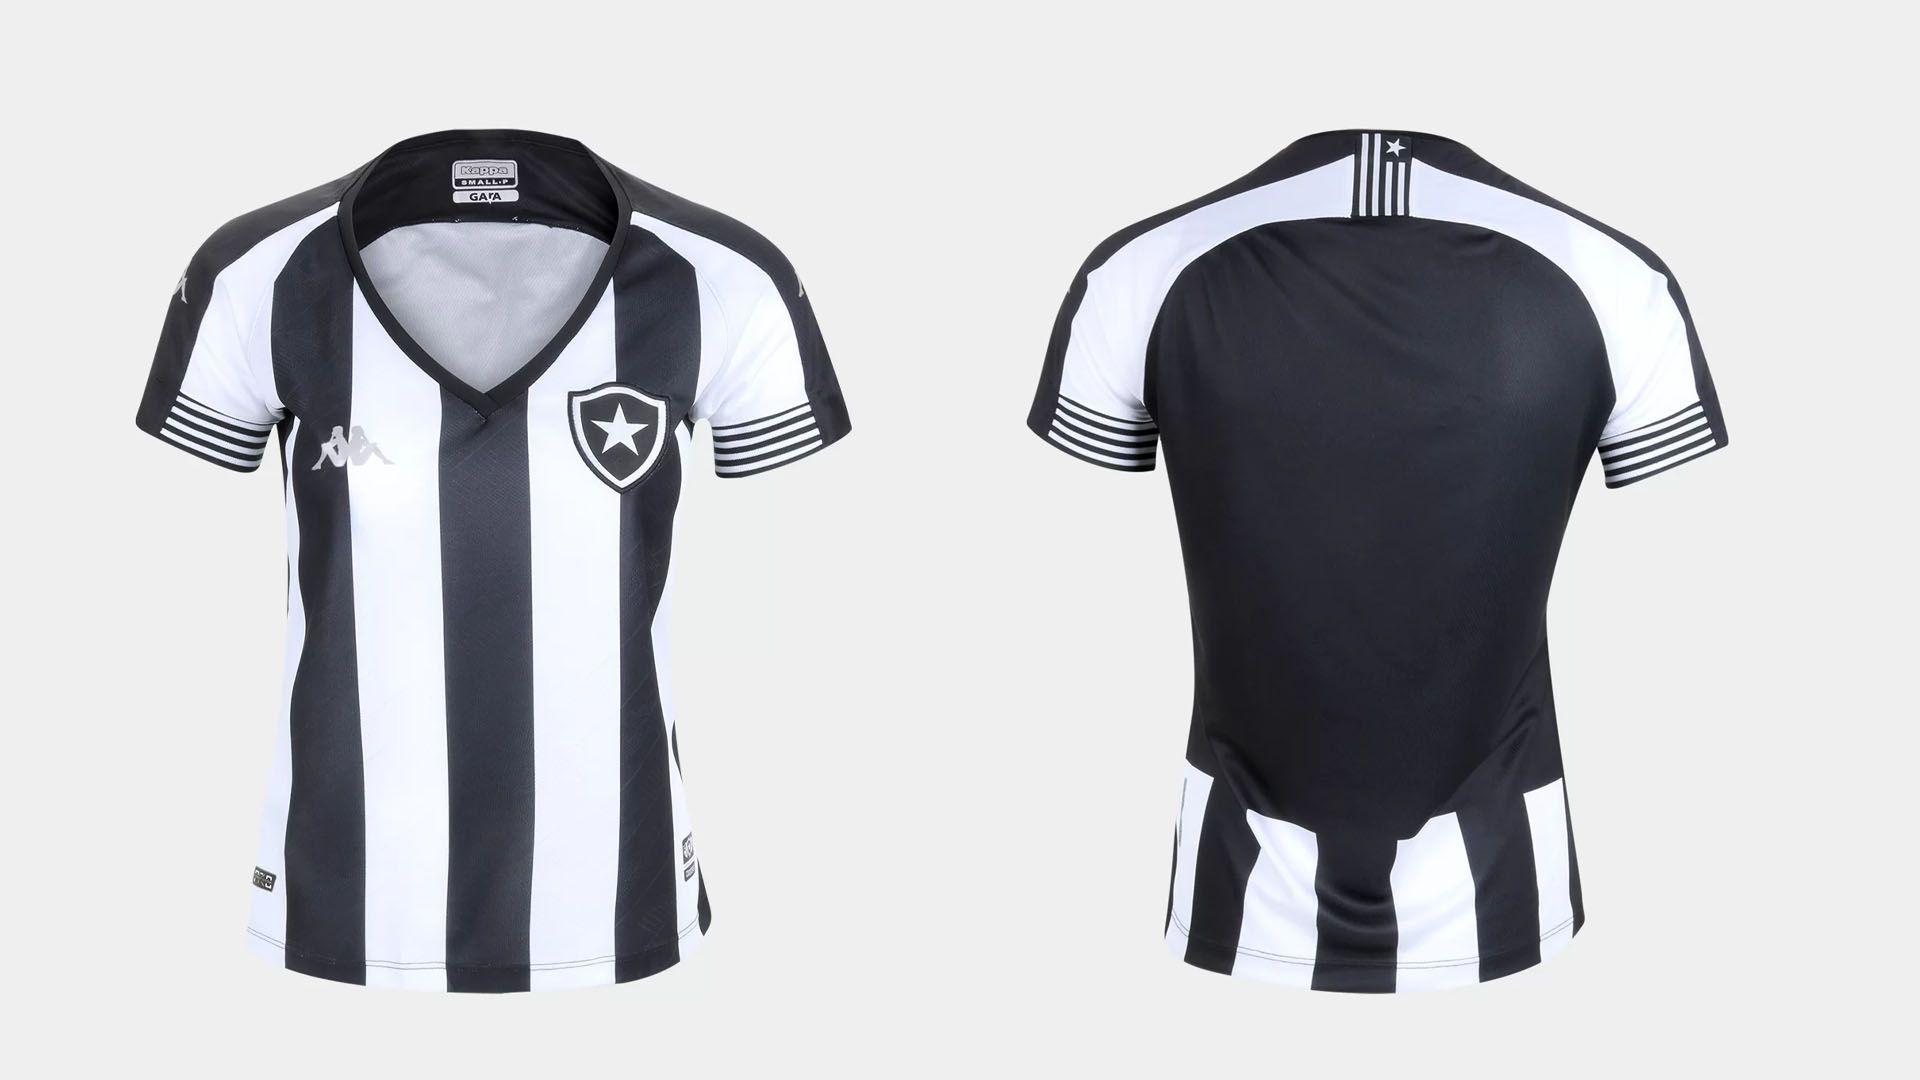 Camisa do Botafogo Feminina 2020 Kappa Jogo 1 (Imagem: Divulgação/Kappa)